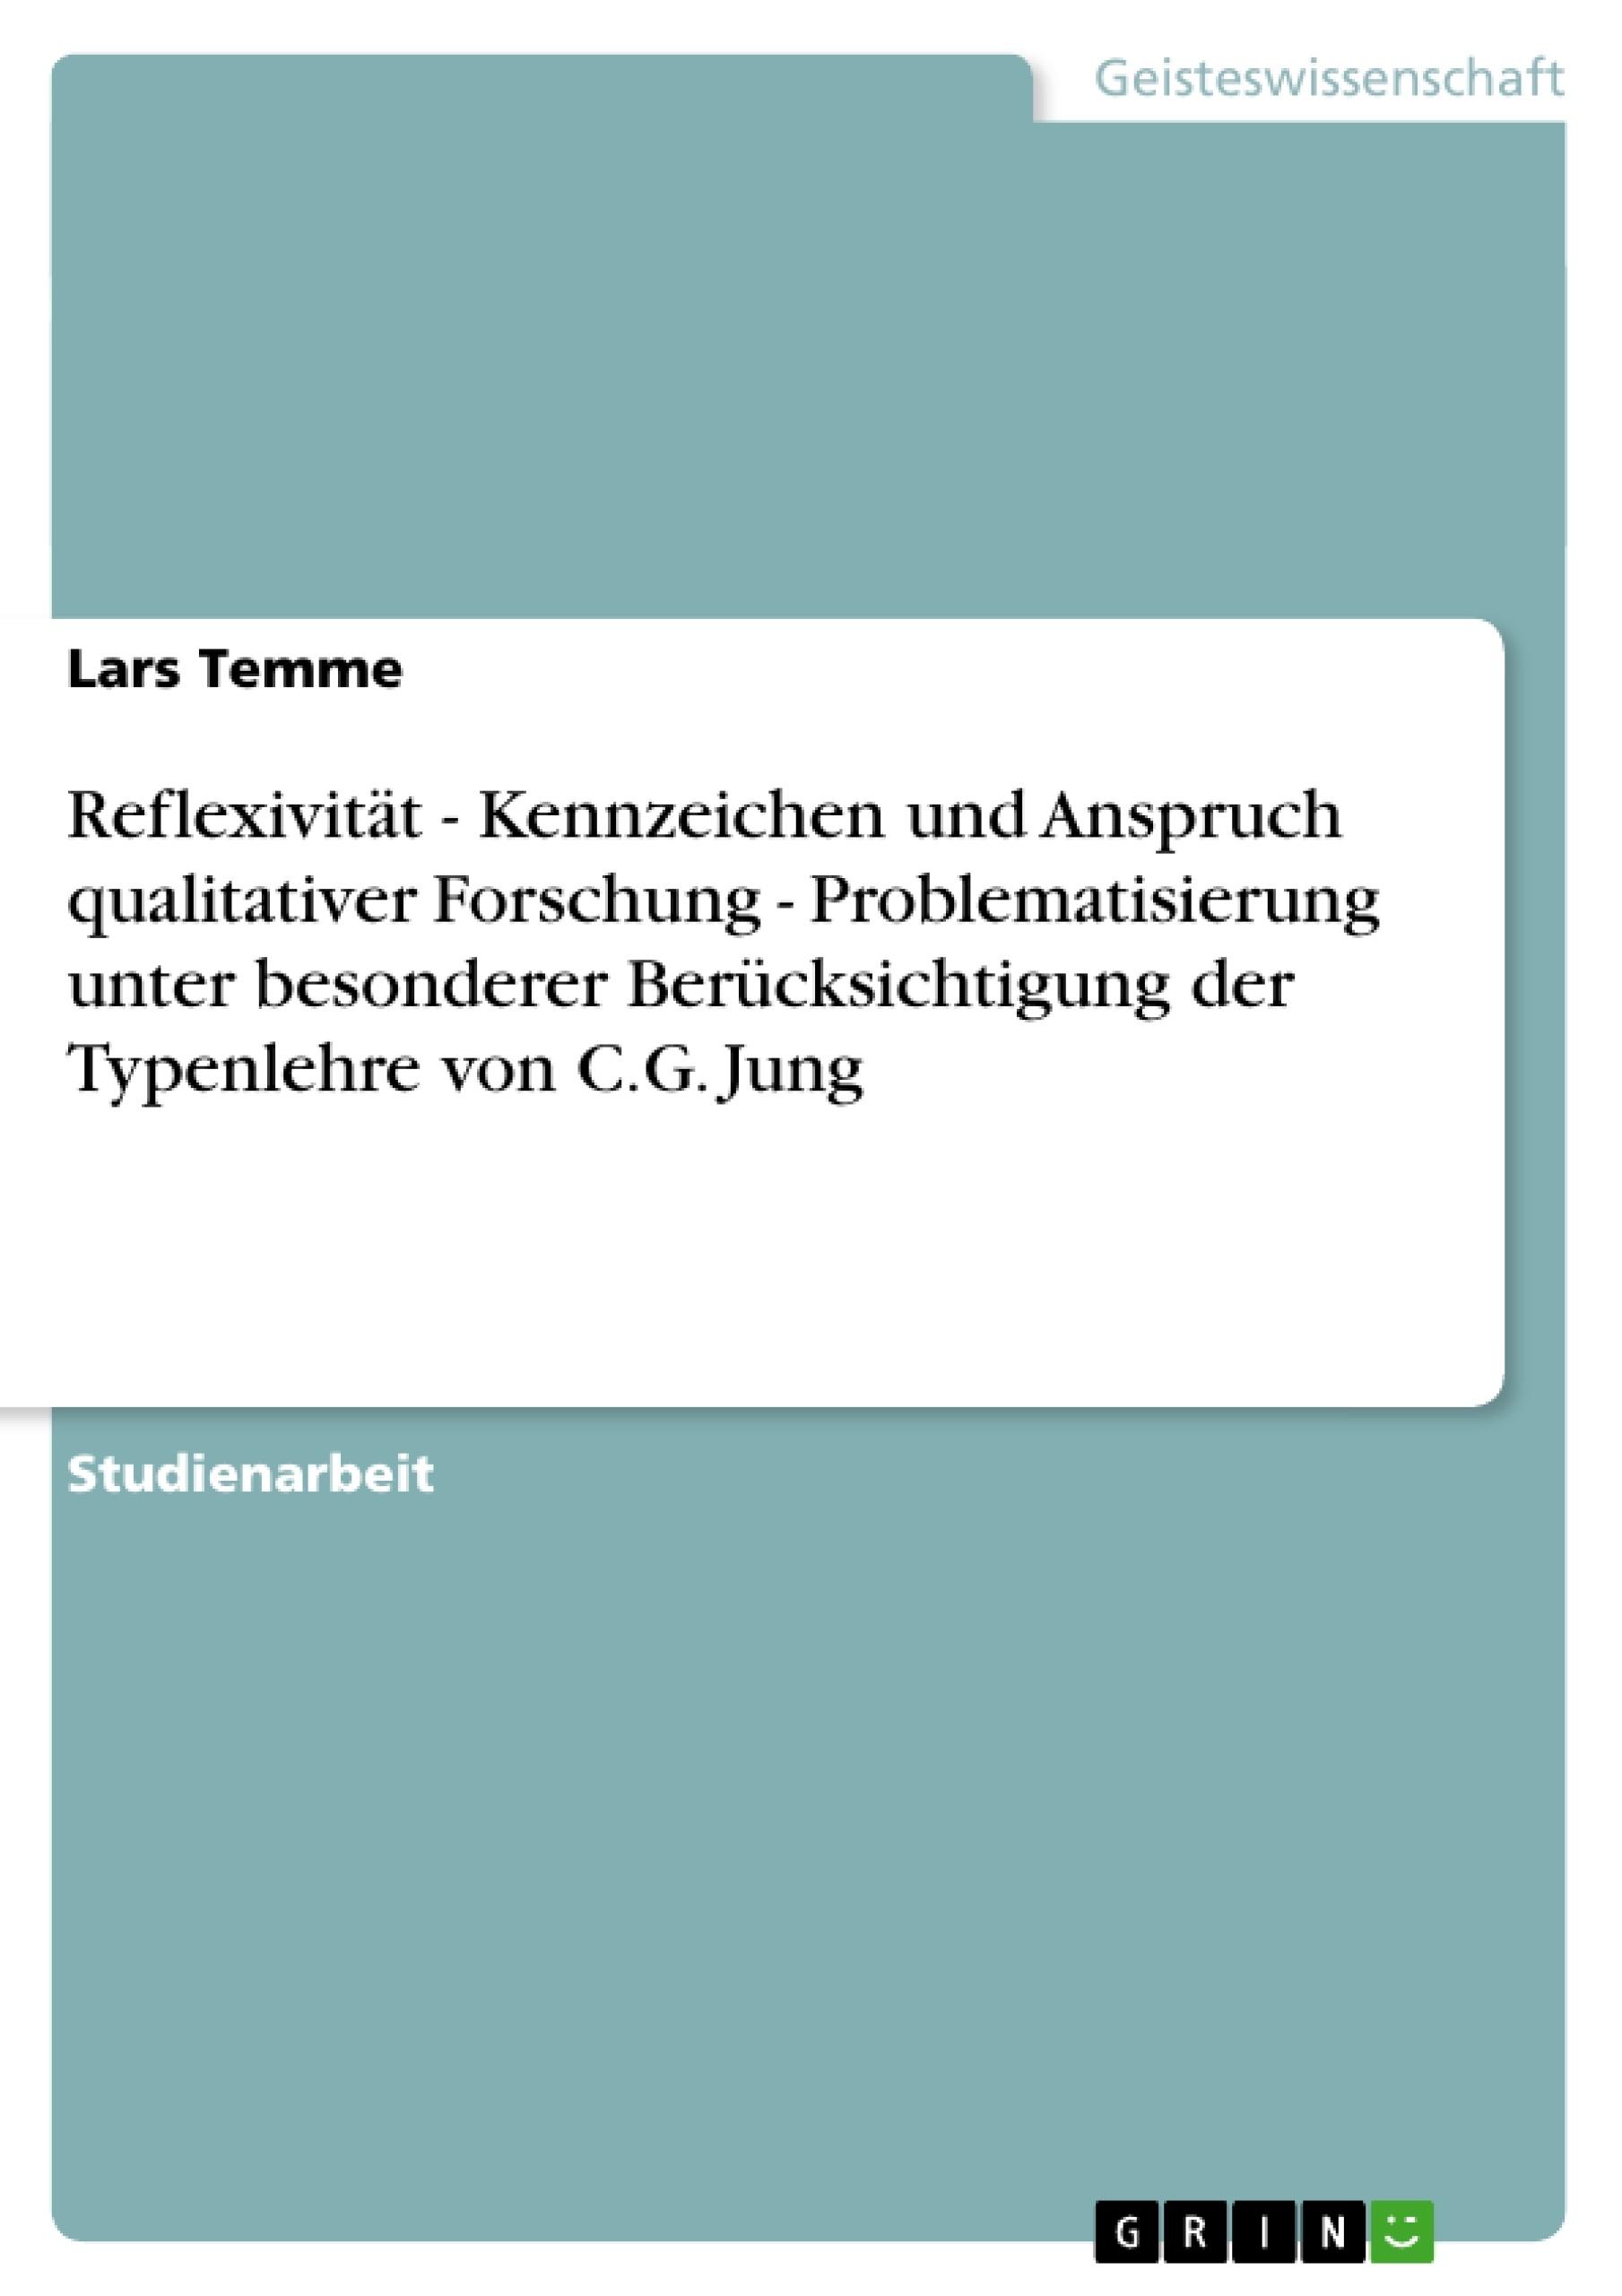 Titel: Reflexivität - Kennzeichen und Anspruch qualitativer Forschung - Problematisierung unter besonderer Berücksichtigung der Typenlehre von C.G. Jung